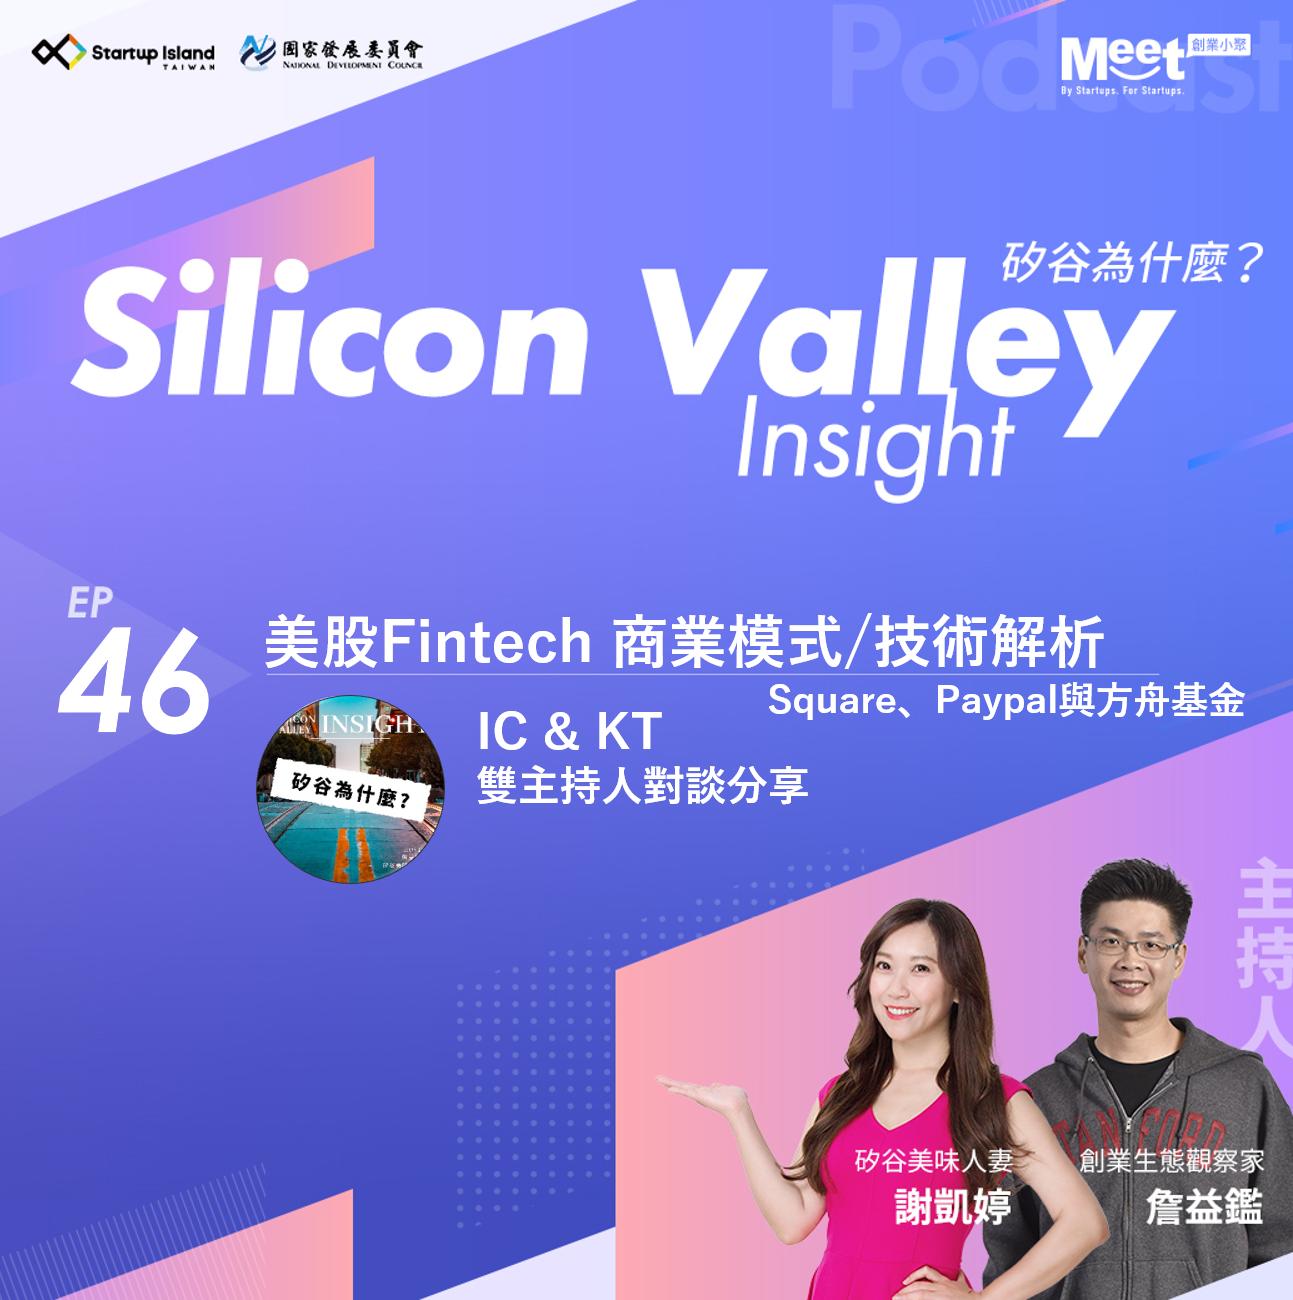 EP 46- 美股Square和 Paypal商業模式&技術解析, 方舟基金最愛的Fintech公司